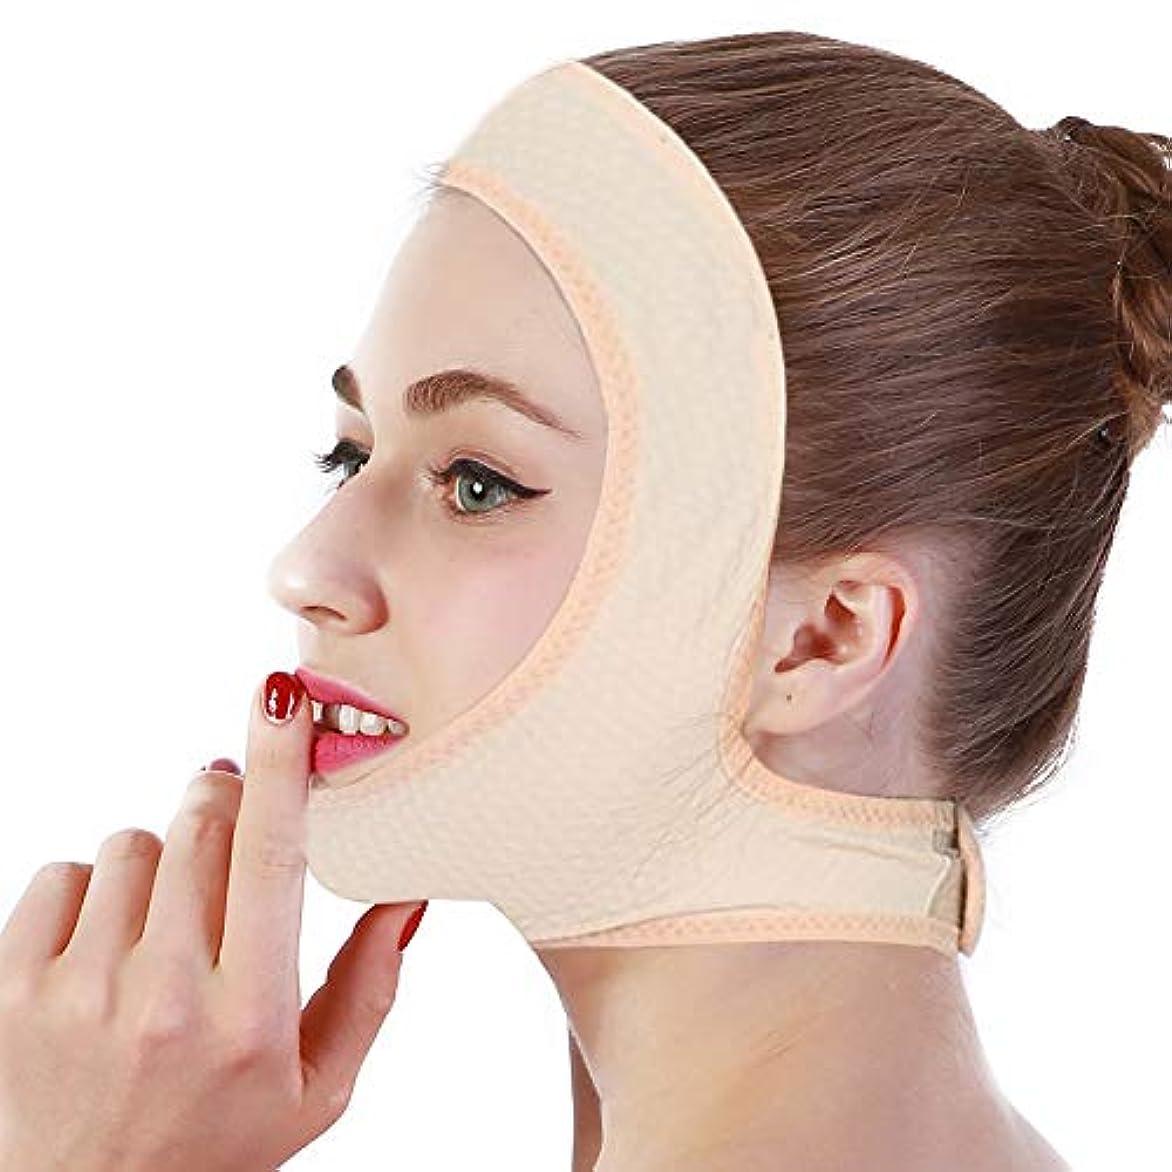 シリンダーペデスタル日食フェイスマッサージ肌の色フェイスリフティングマスク薄いあご矯正ツール顔の輪郭調整包帯